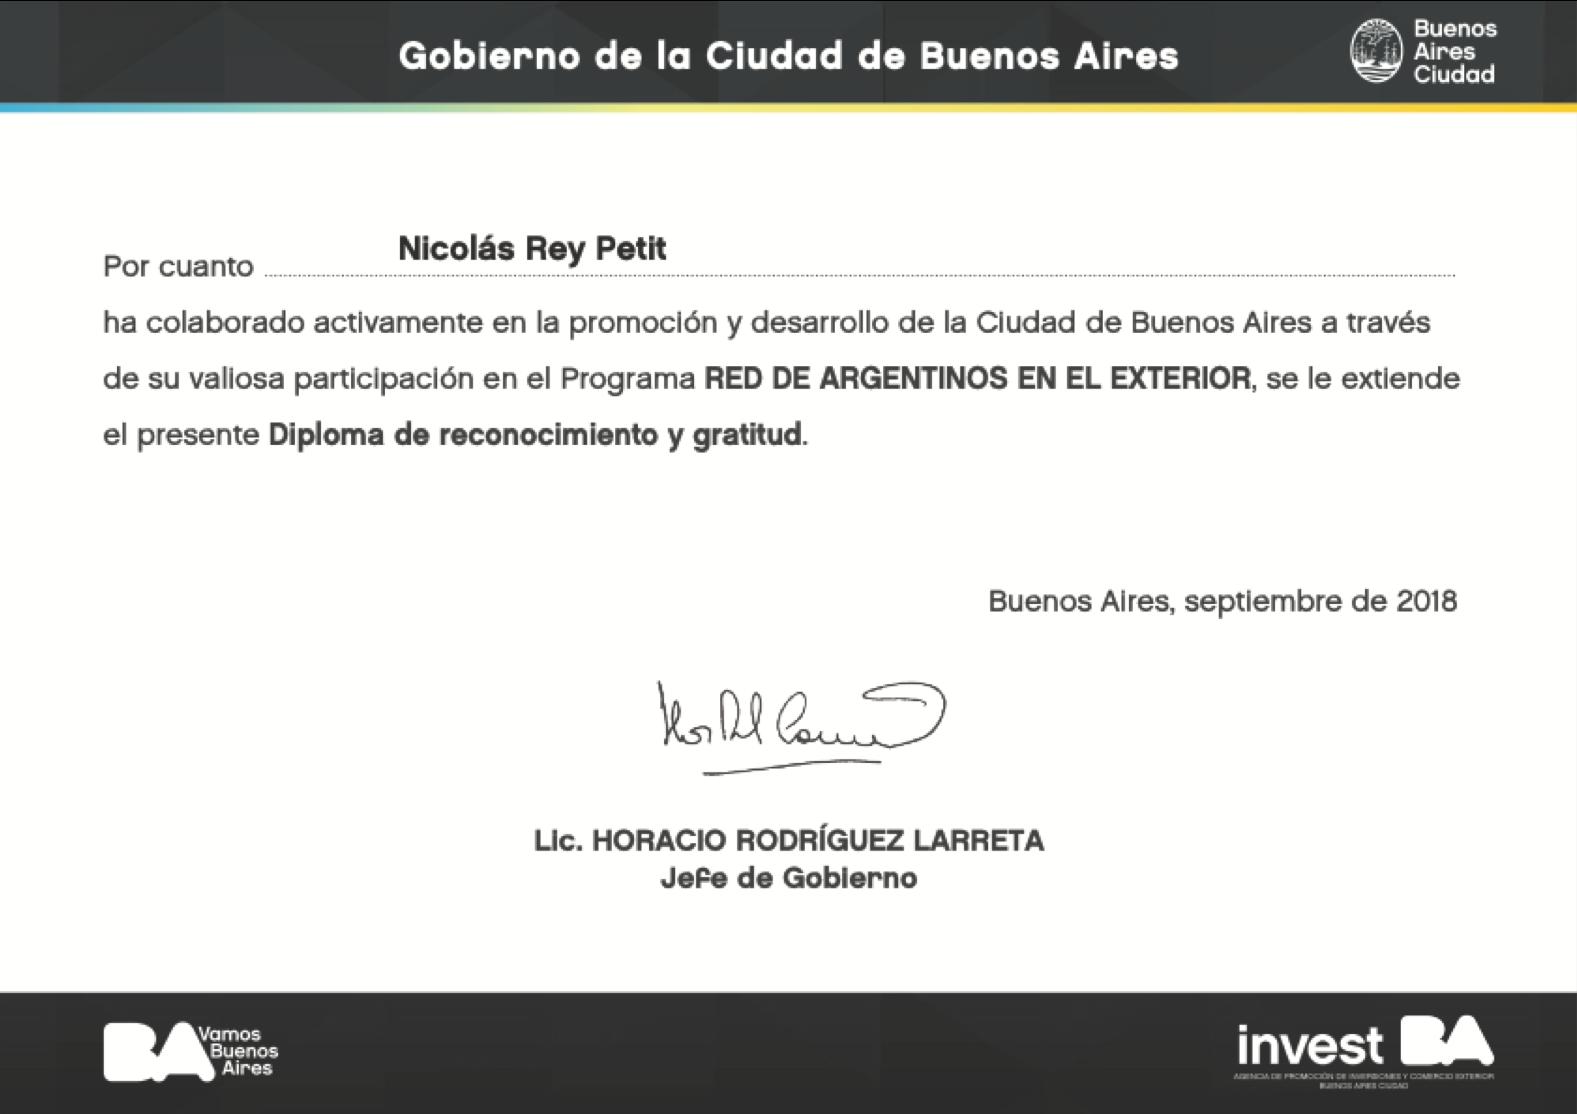 Nicolas Rey Petit Emprendedores Argentinos